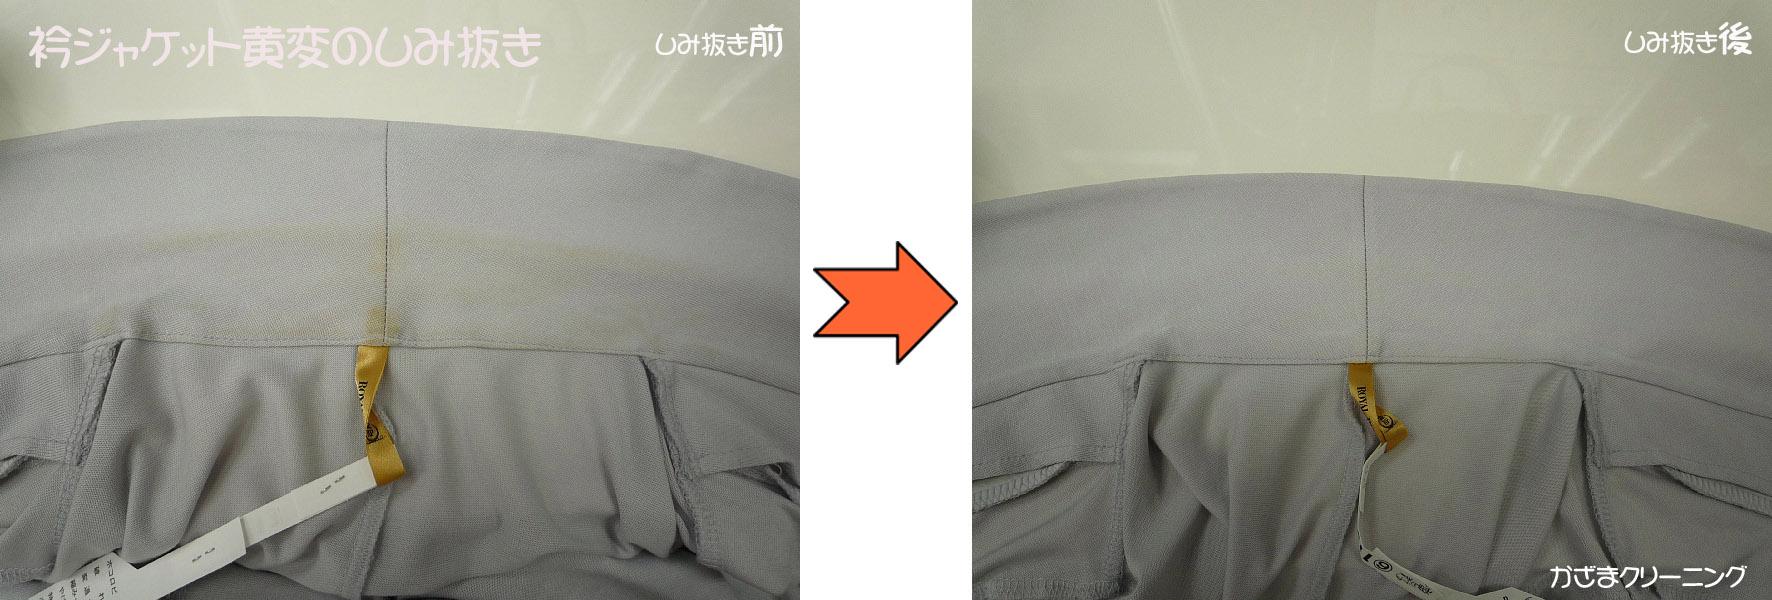 衿ジャケット黄変の染み抜き